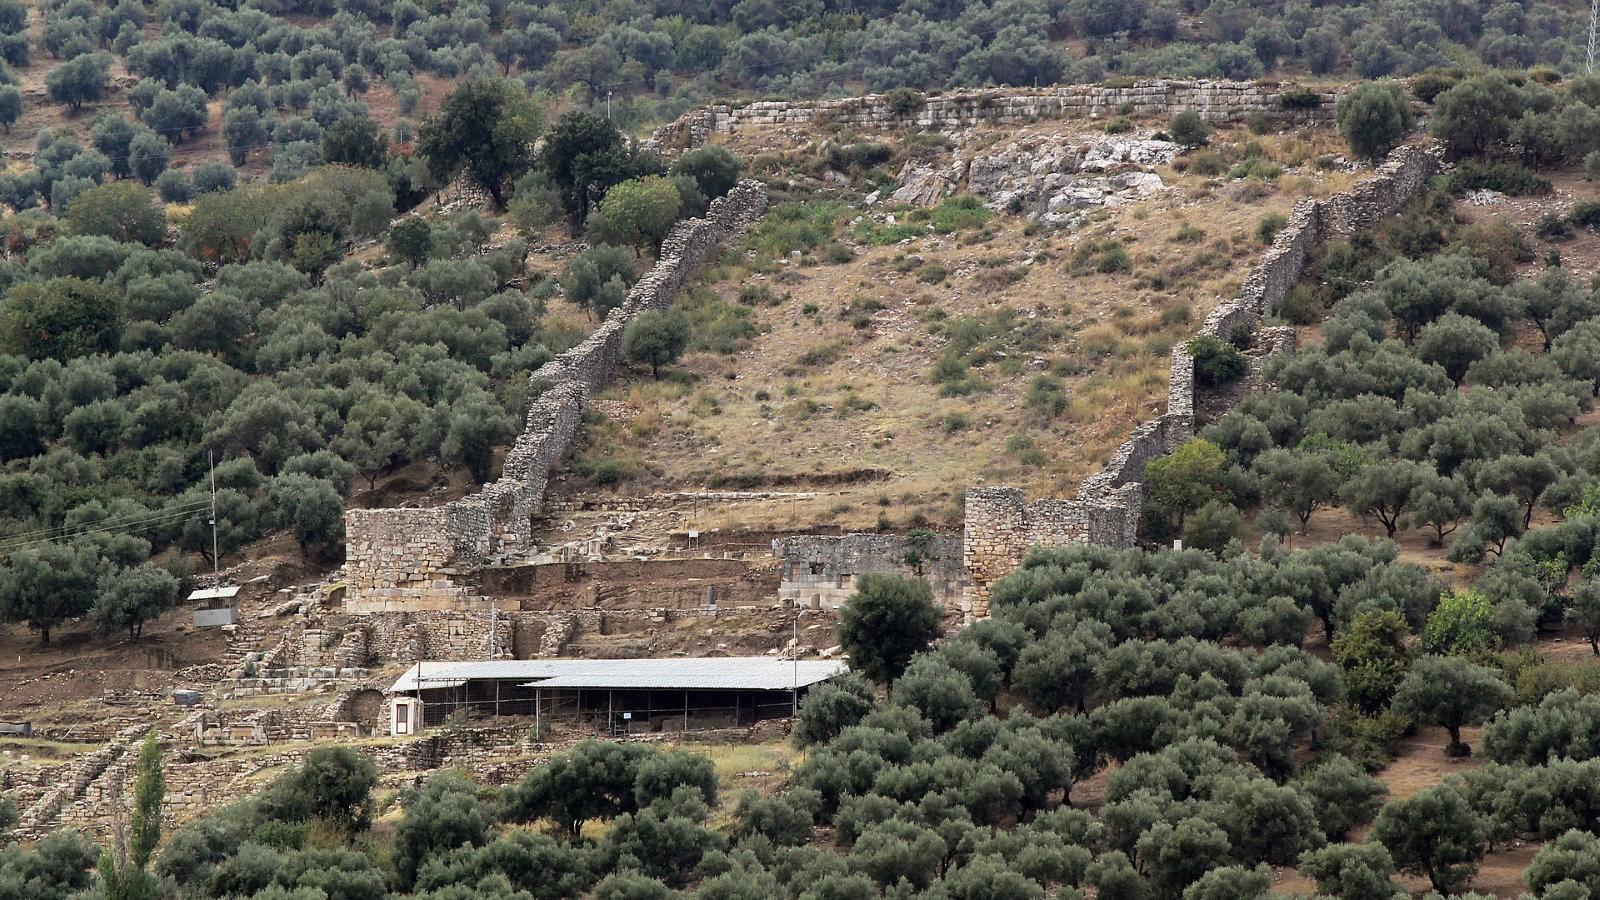 Археологические раскопки в Турции: обнаружен древний храм богини Афродиты